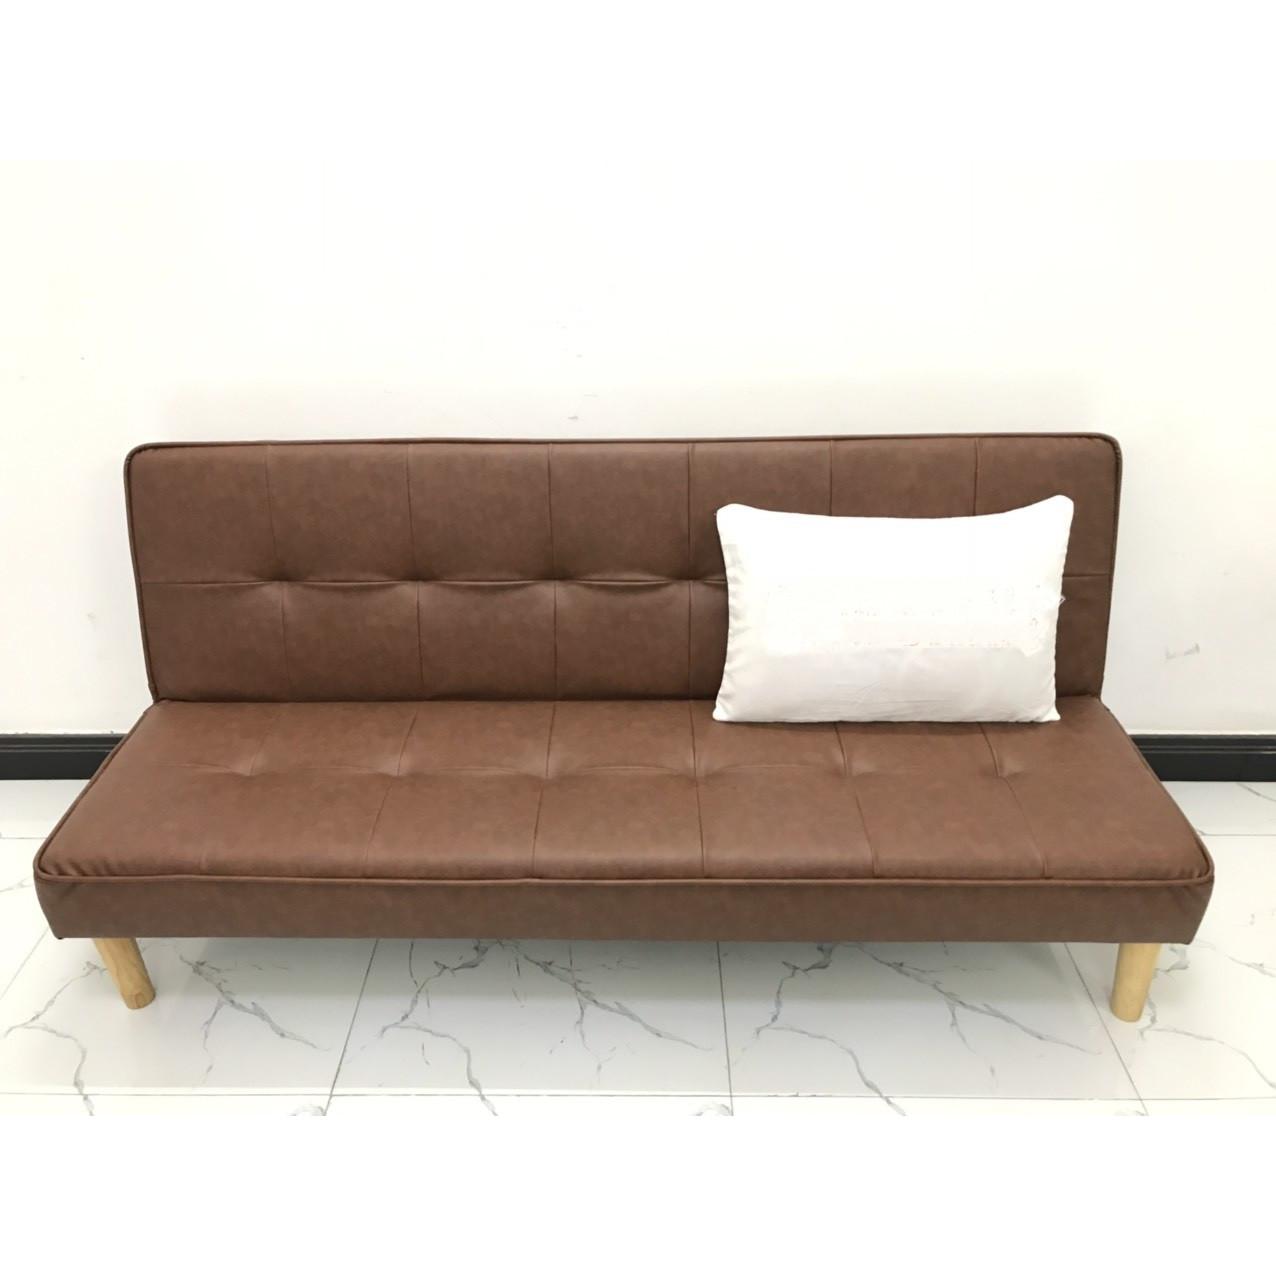 Ghế sofa giường 1m7x90, sofa phòng khách Sivali10